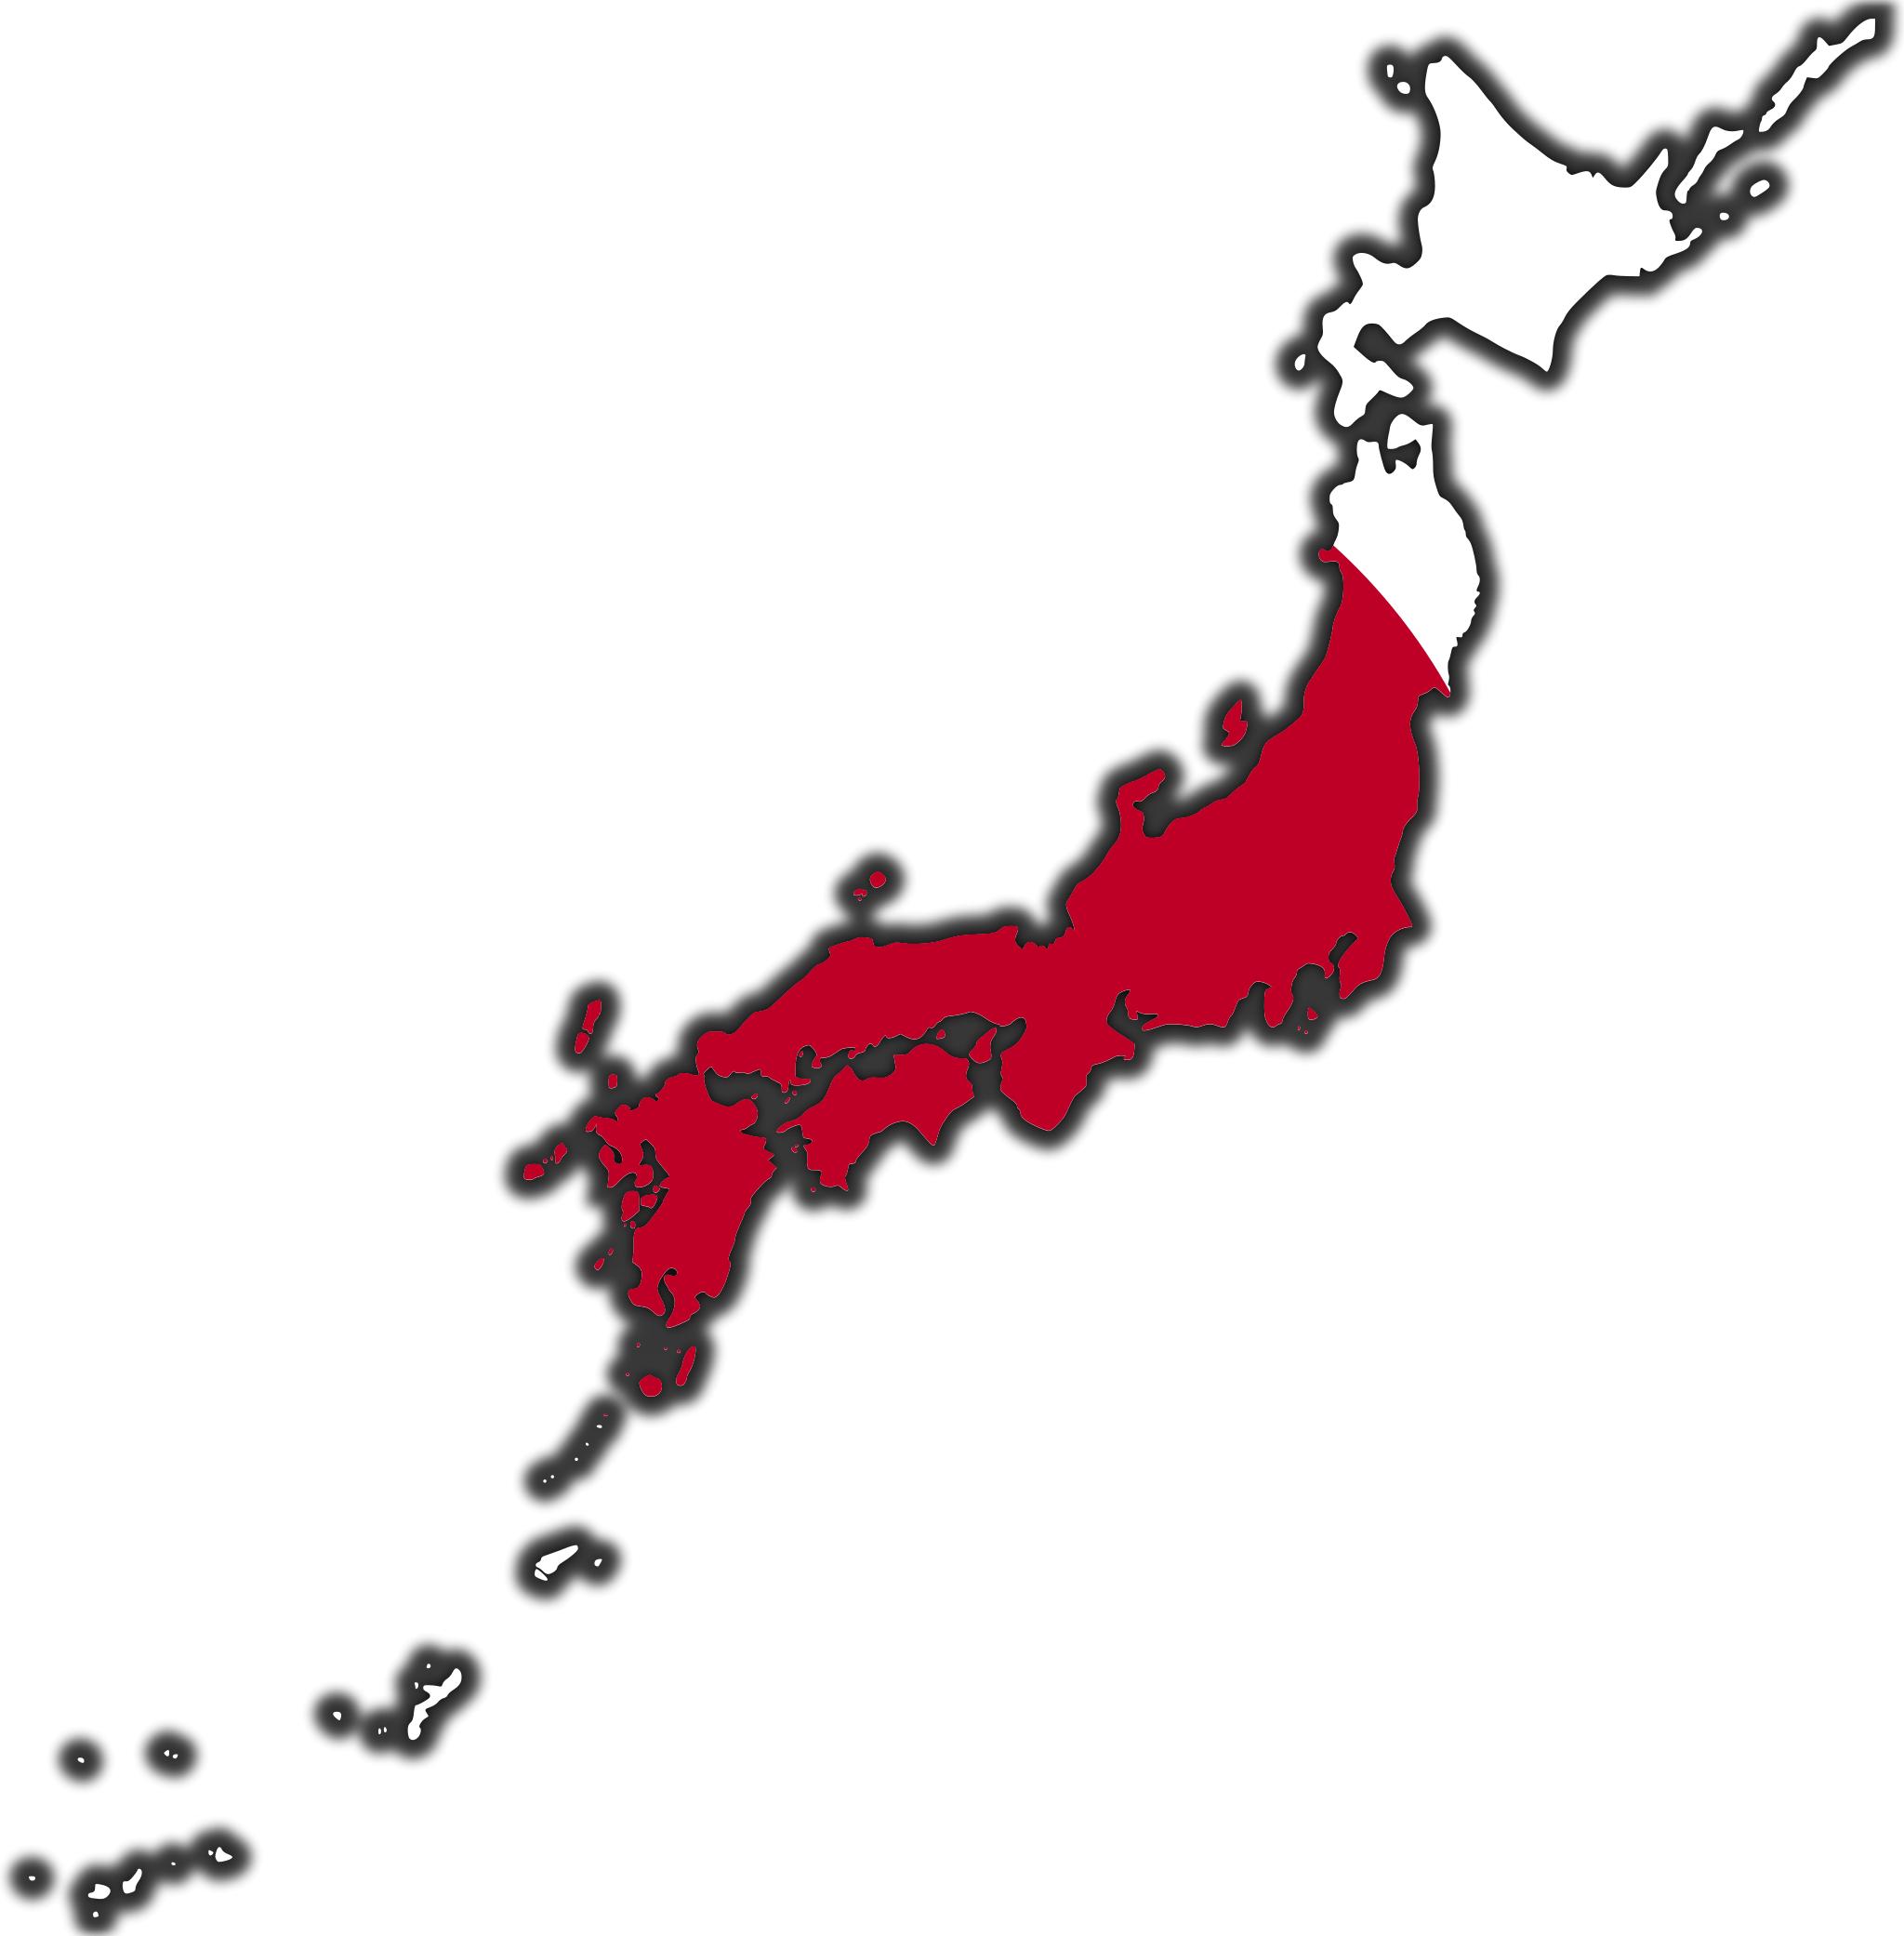 Japan Flag PNG Images Transparent Free Download.